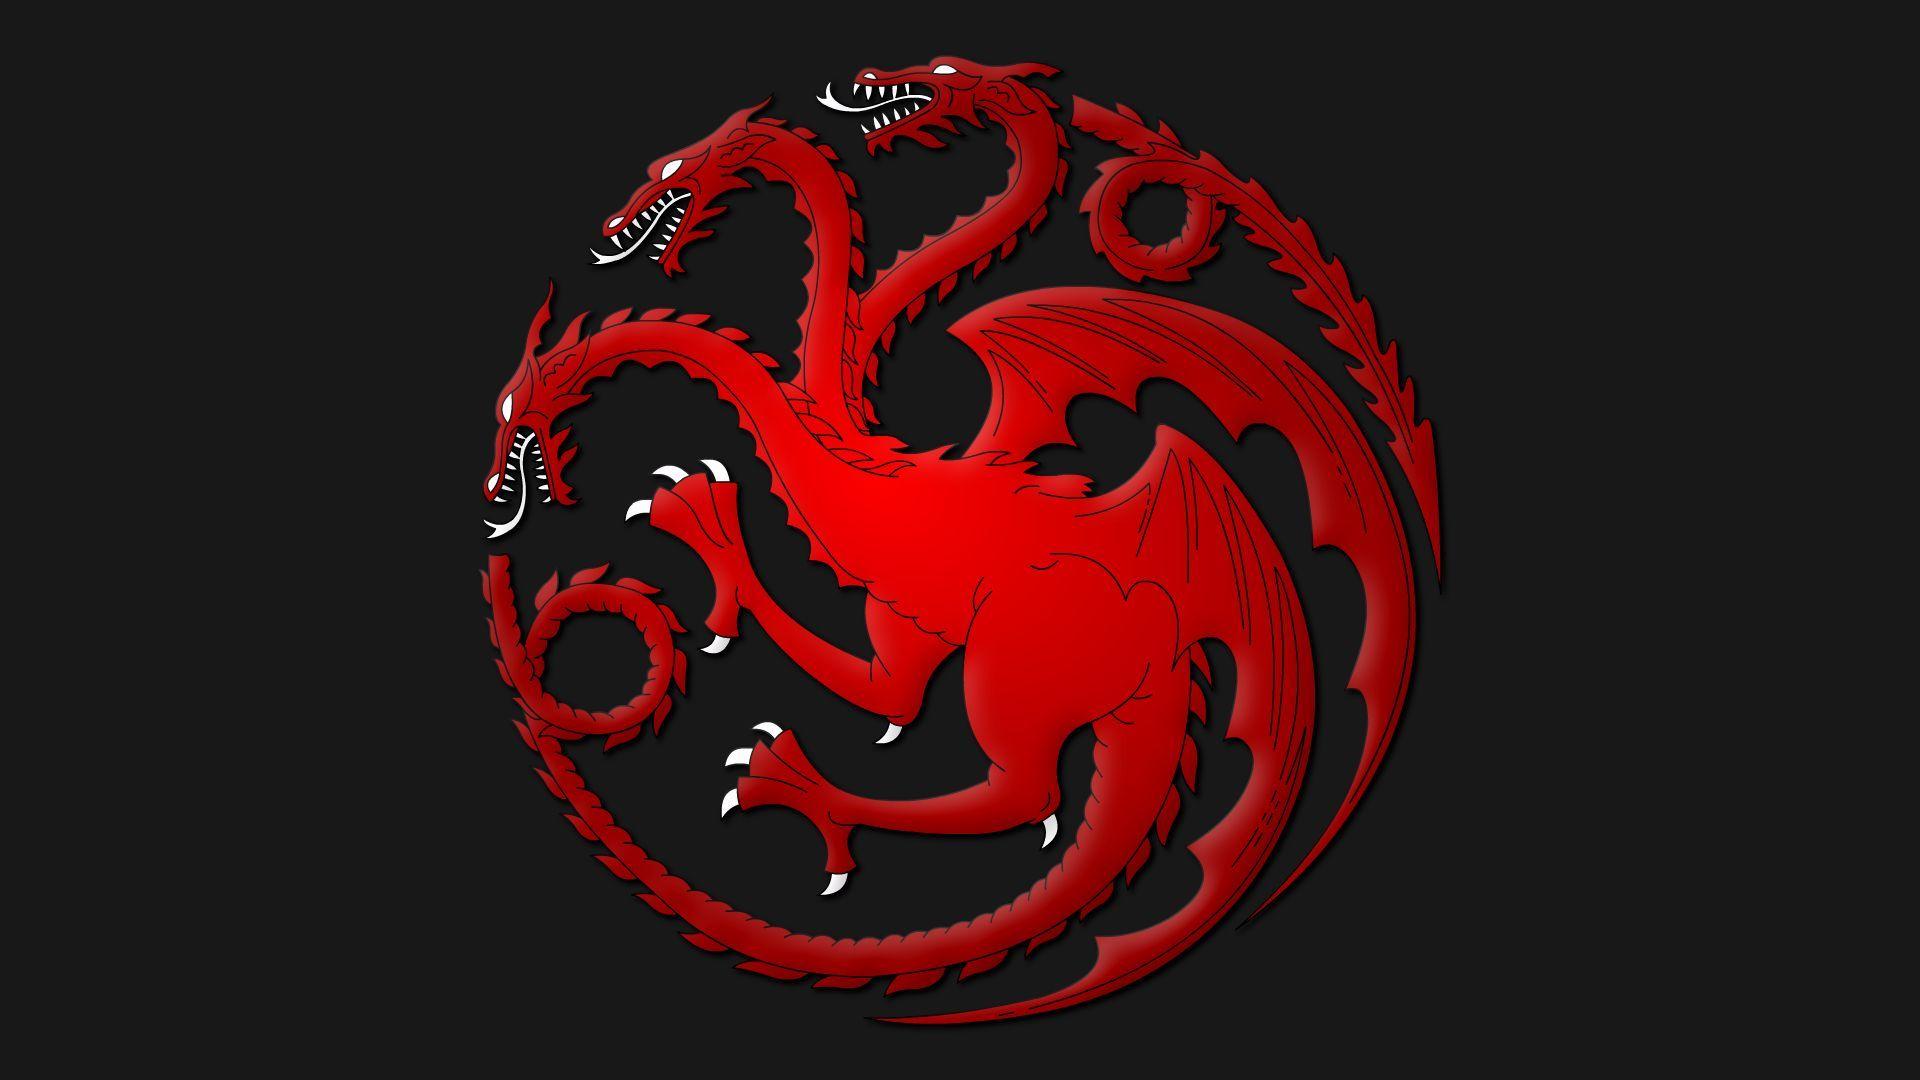 9228 - ¿Eres leal a la casa Targaryen? Demuestra cuánto sabes de ellos